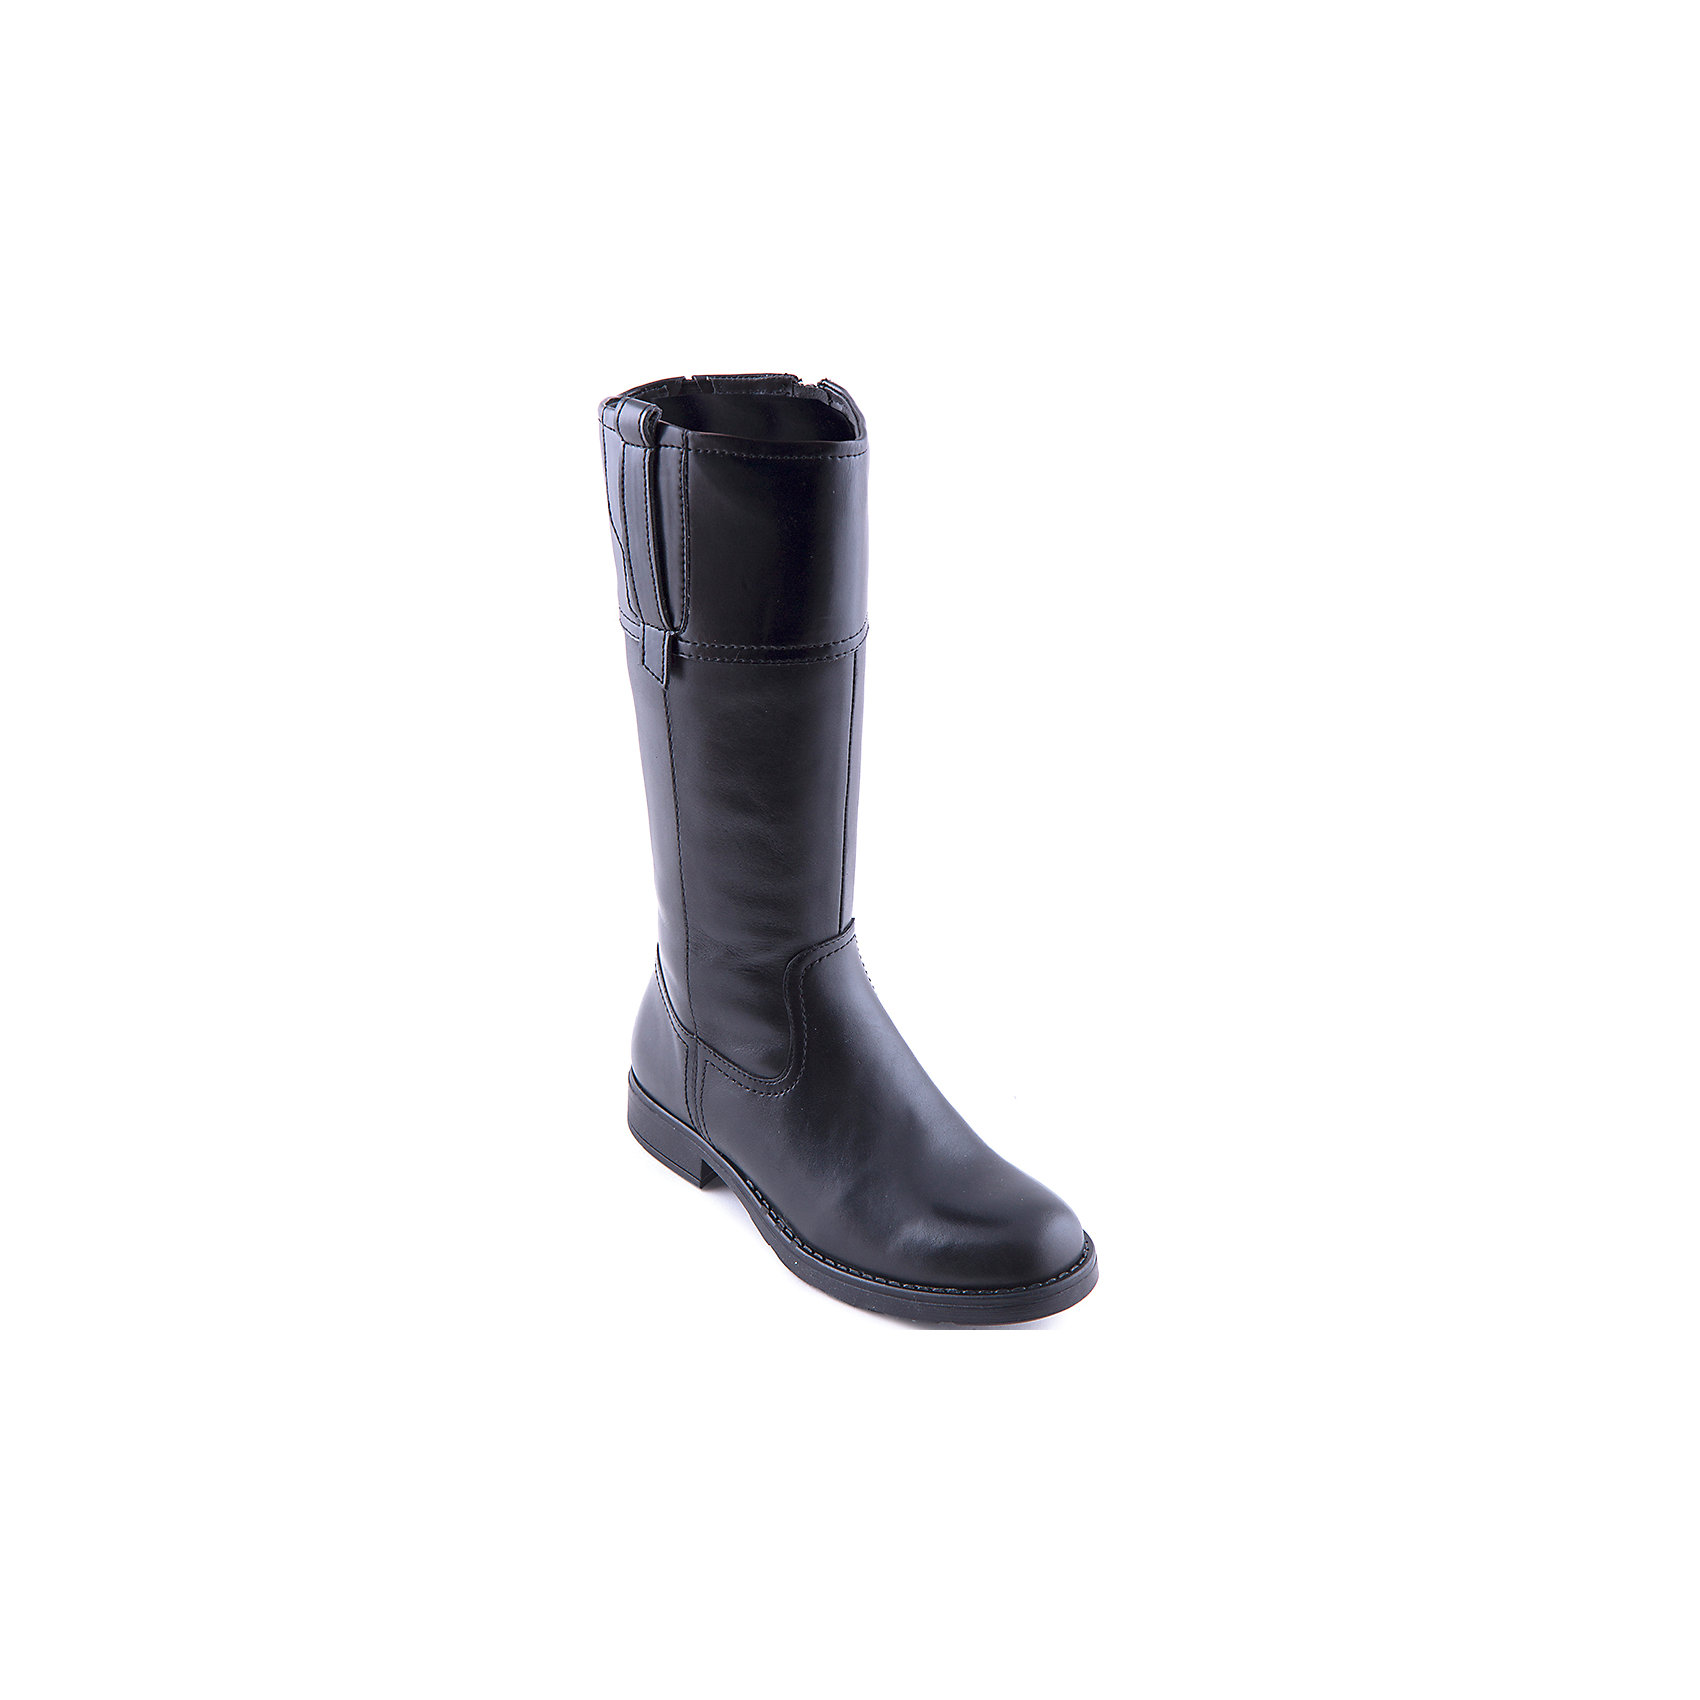 Сапоги для девочки GEOXПолусапожки для девочки от популярной марки GEOX.<br><br>Черные стильные полусапожки - стильная и удобная обувь для межсезонья.<br>Производитель обуви GEOX разработал специальную дышащую подошву, которая не пропускает влагу внутрь, а также высокотехнологичную стельку.<br><br>Отличительные особенности модели:<br><br>- цвет: черный;<br>- стильный дизайн;<br>- гибкая водоотталкивающая подошва с дышащей мембраной;<br>- мягкий и легкий верх;<br>- защита пятки и пальцев;<br>- эргономичная форма;<br>- удобная застежка-молния сбоку;<br>- комфортное облегание;<br>- ударопрочная антибактериальная стелька;<br>- верх обуви и подкладка сделаны без использования хрома.<br><br>Дополнительная информация:<br><br>- Температурный режим: от +5° С  до 20° С.<br><br>- Состав:<br><br>материал верха: кожа<br>материал подкладки: байка<br>подошва: полимер<br>Полусапожки для девочки GEOX (Геокс) можно купить в нашем магазине.<br><br>Ширина мм: 257<br>Глубина мм: 180<br>Высота мм: 130<br>Вес г: 420<br>Цвет: черный<br>Возраст от месяцев: 168<br>Возраст до месяцев: 192<br>Пол: Женский<br>Возраст: Детский<br>Размер: 41,36,38,33,34,39,40,37,35<br>SKU: 4178941